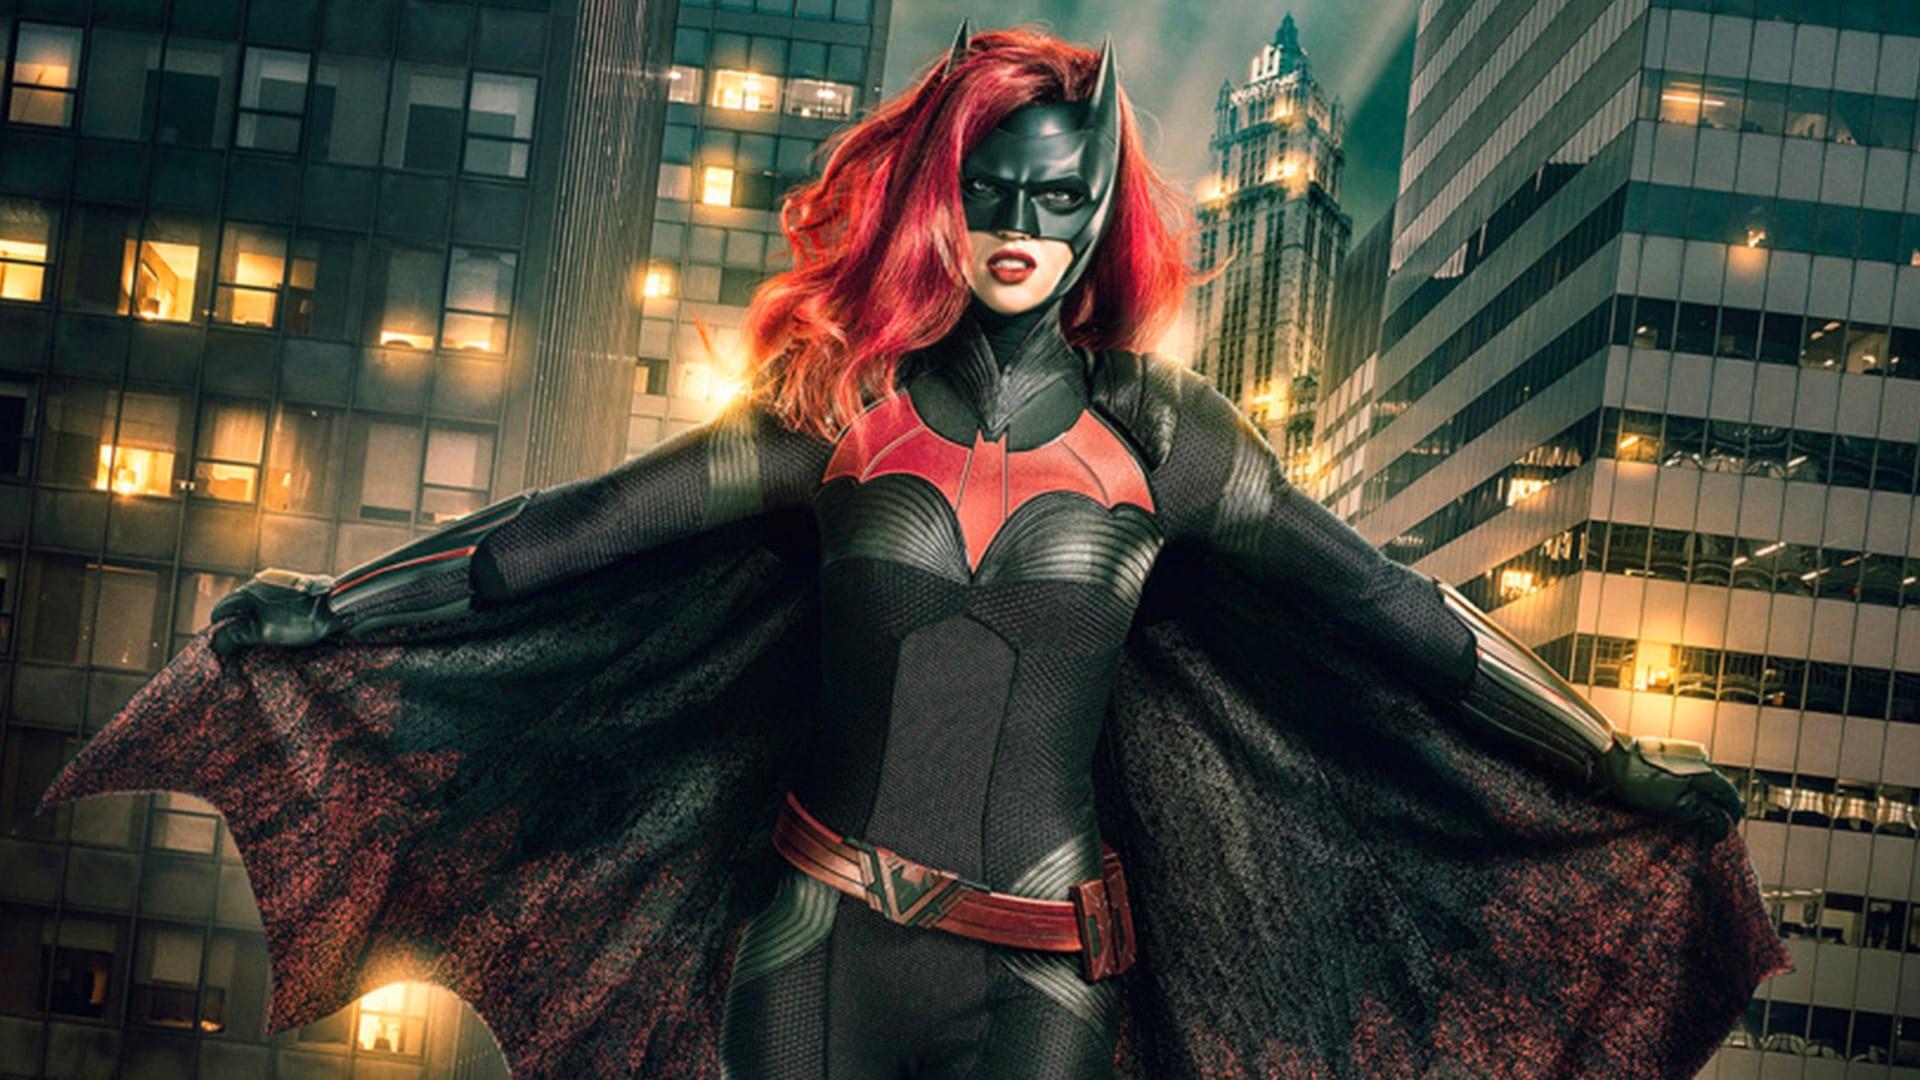 La série Batwoman se dévoile dans un premier trailer